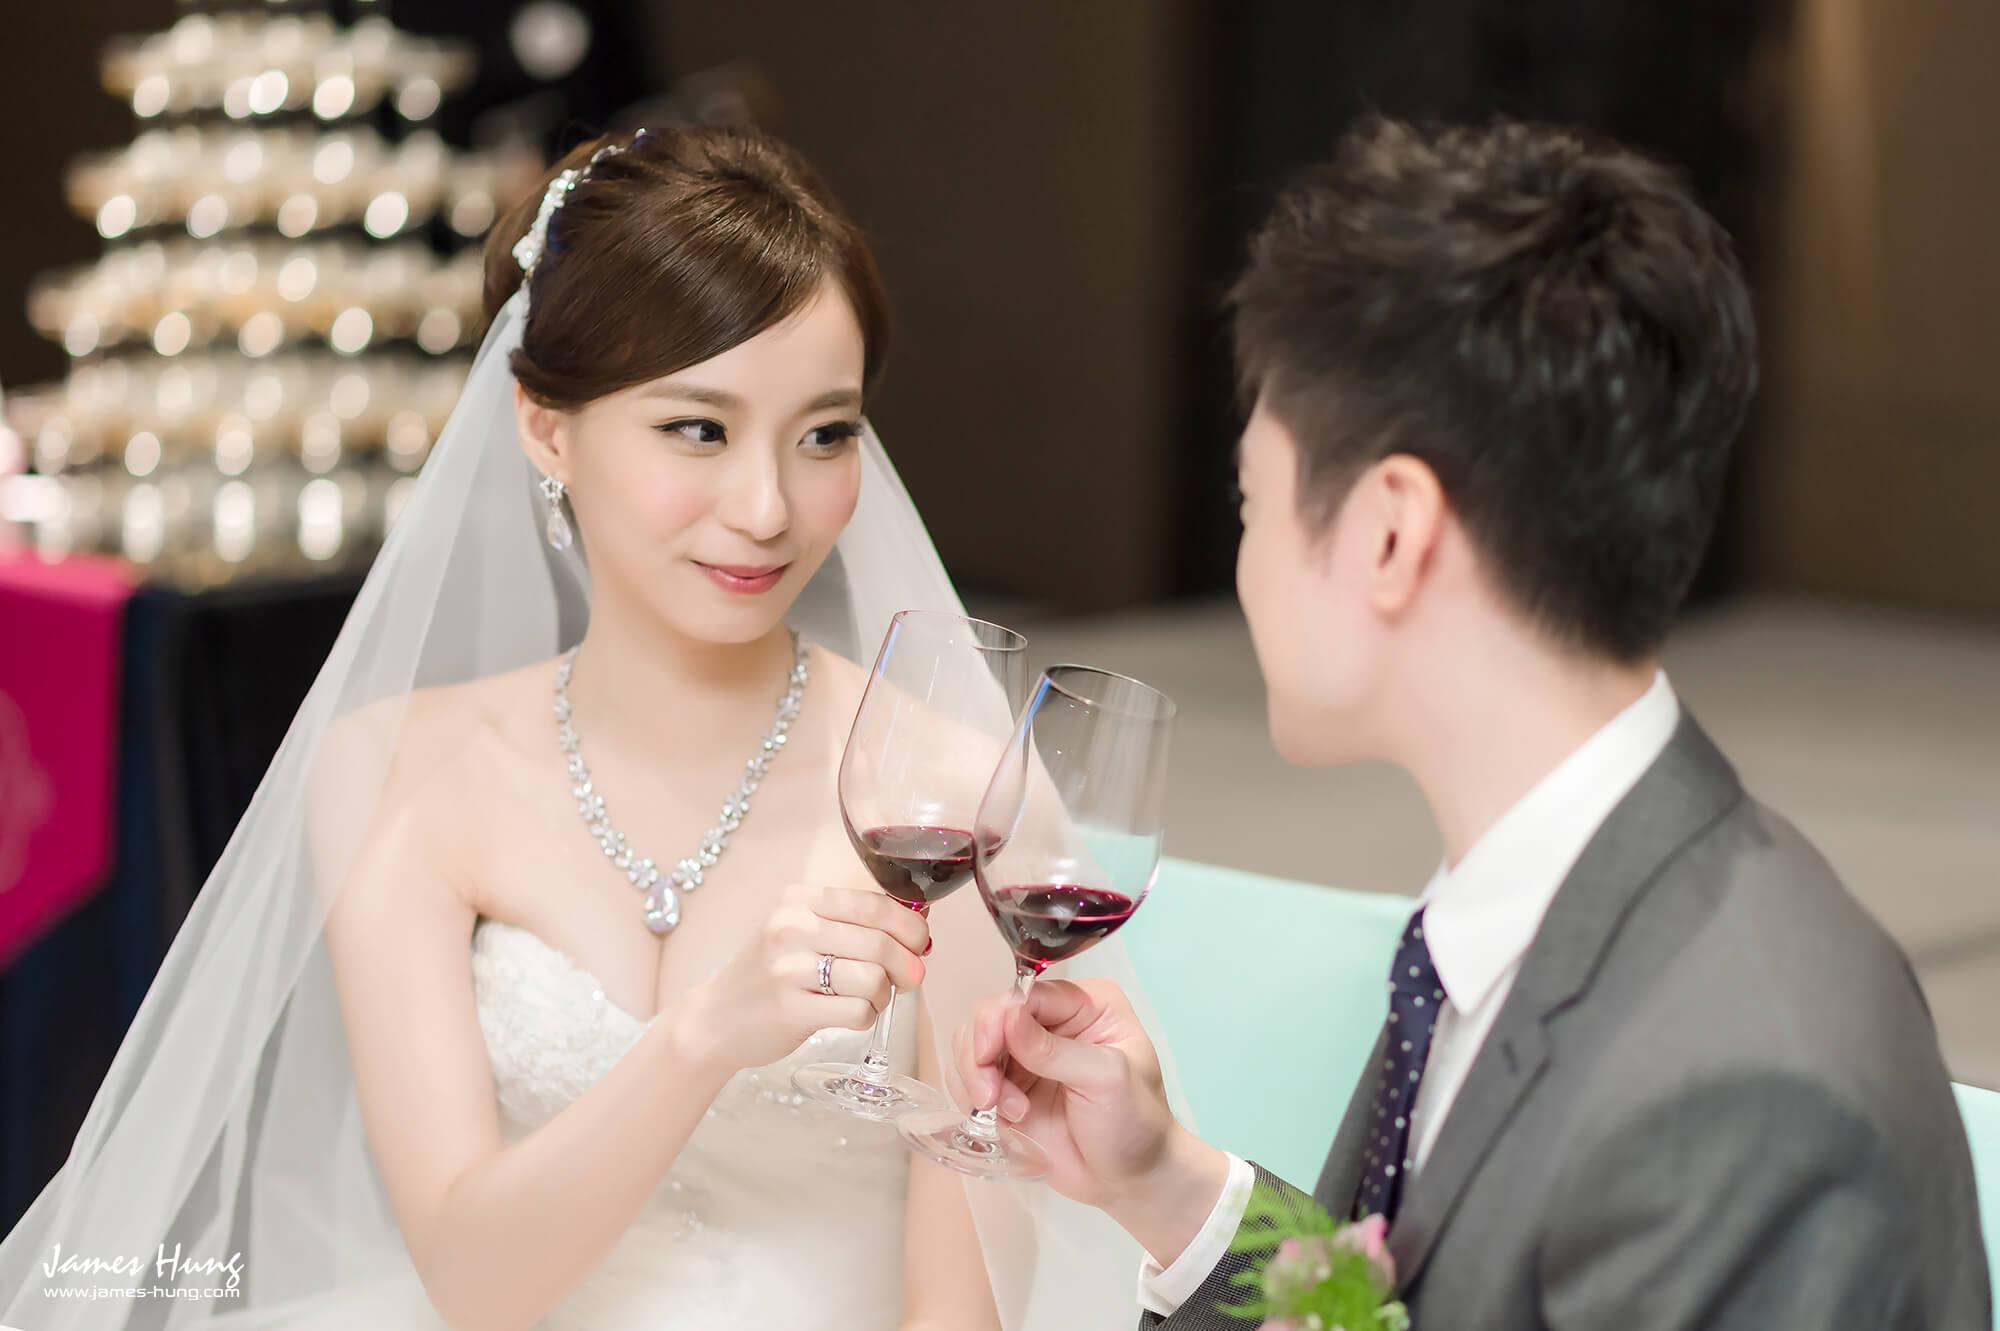 婚攝鯊魚影像團隊,婚攝,婚攝價格,婚禮攝影,婚禮紀錄,寒舍艾美酒店